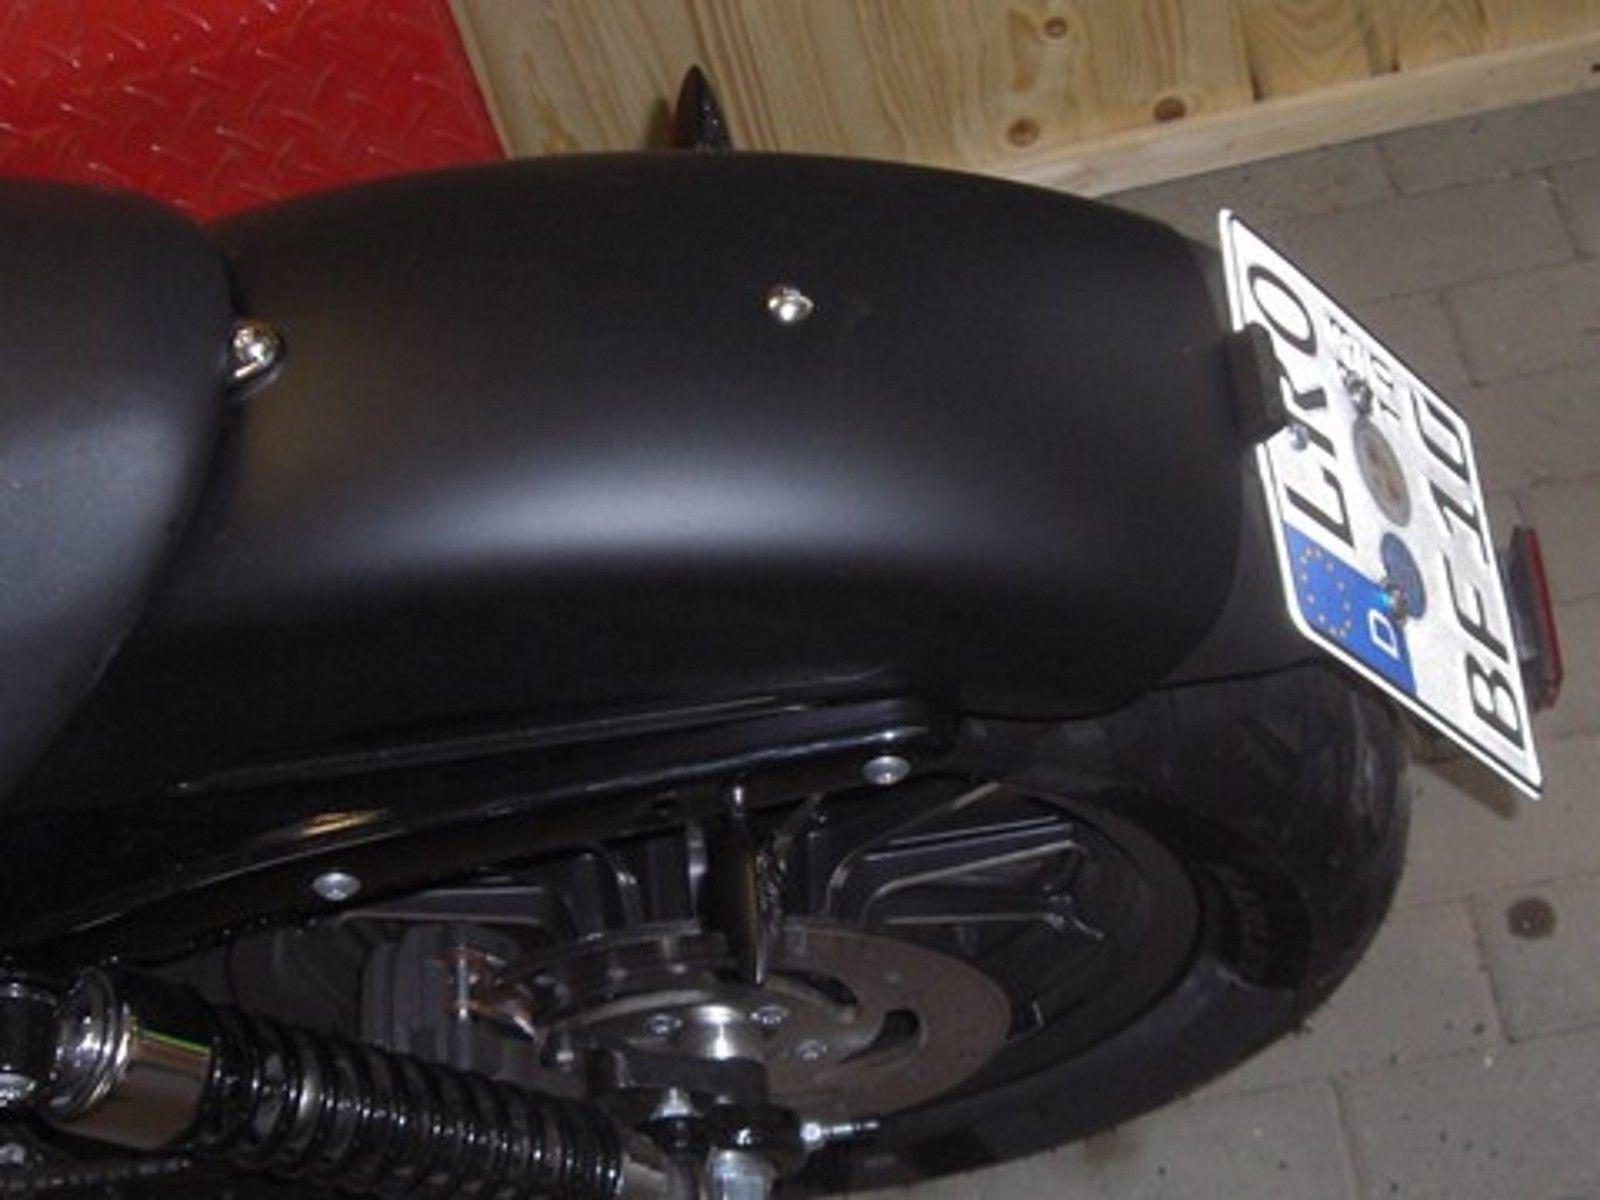 LED Motorrad Quad ATV Kennzeichenleuchte Aluminium Gehäuse schwarz E-Prüfzeichen